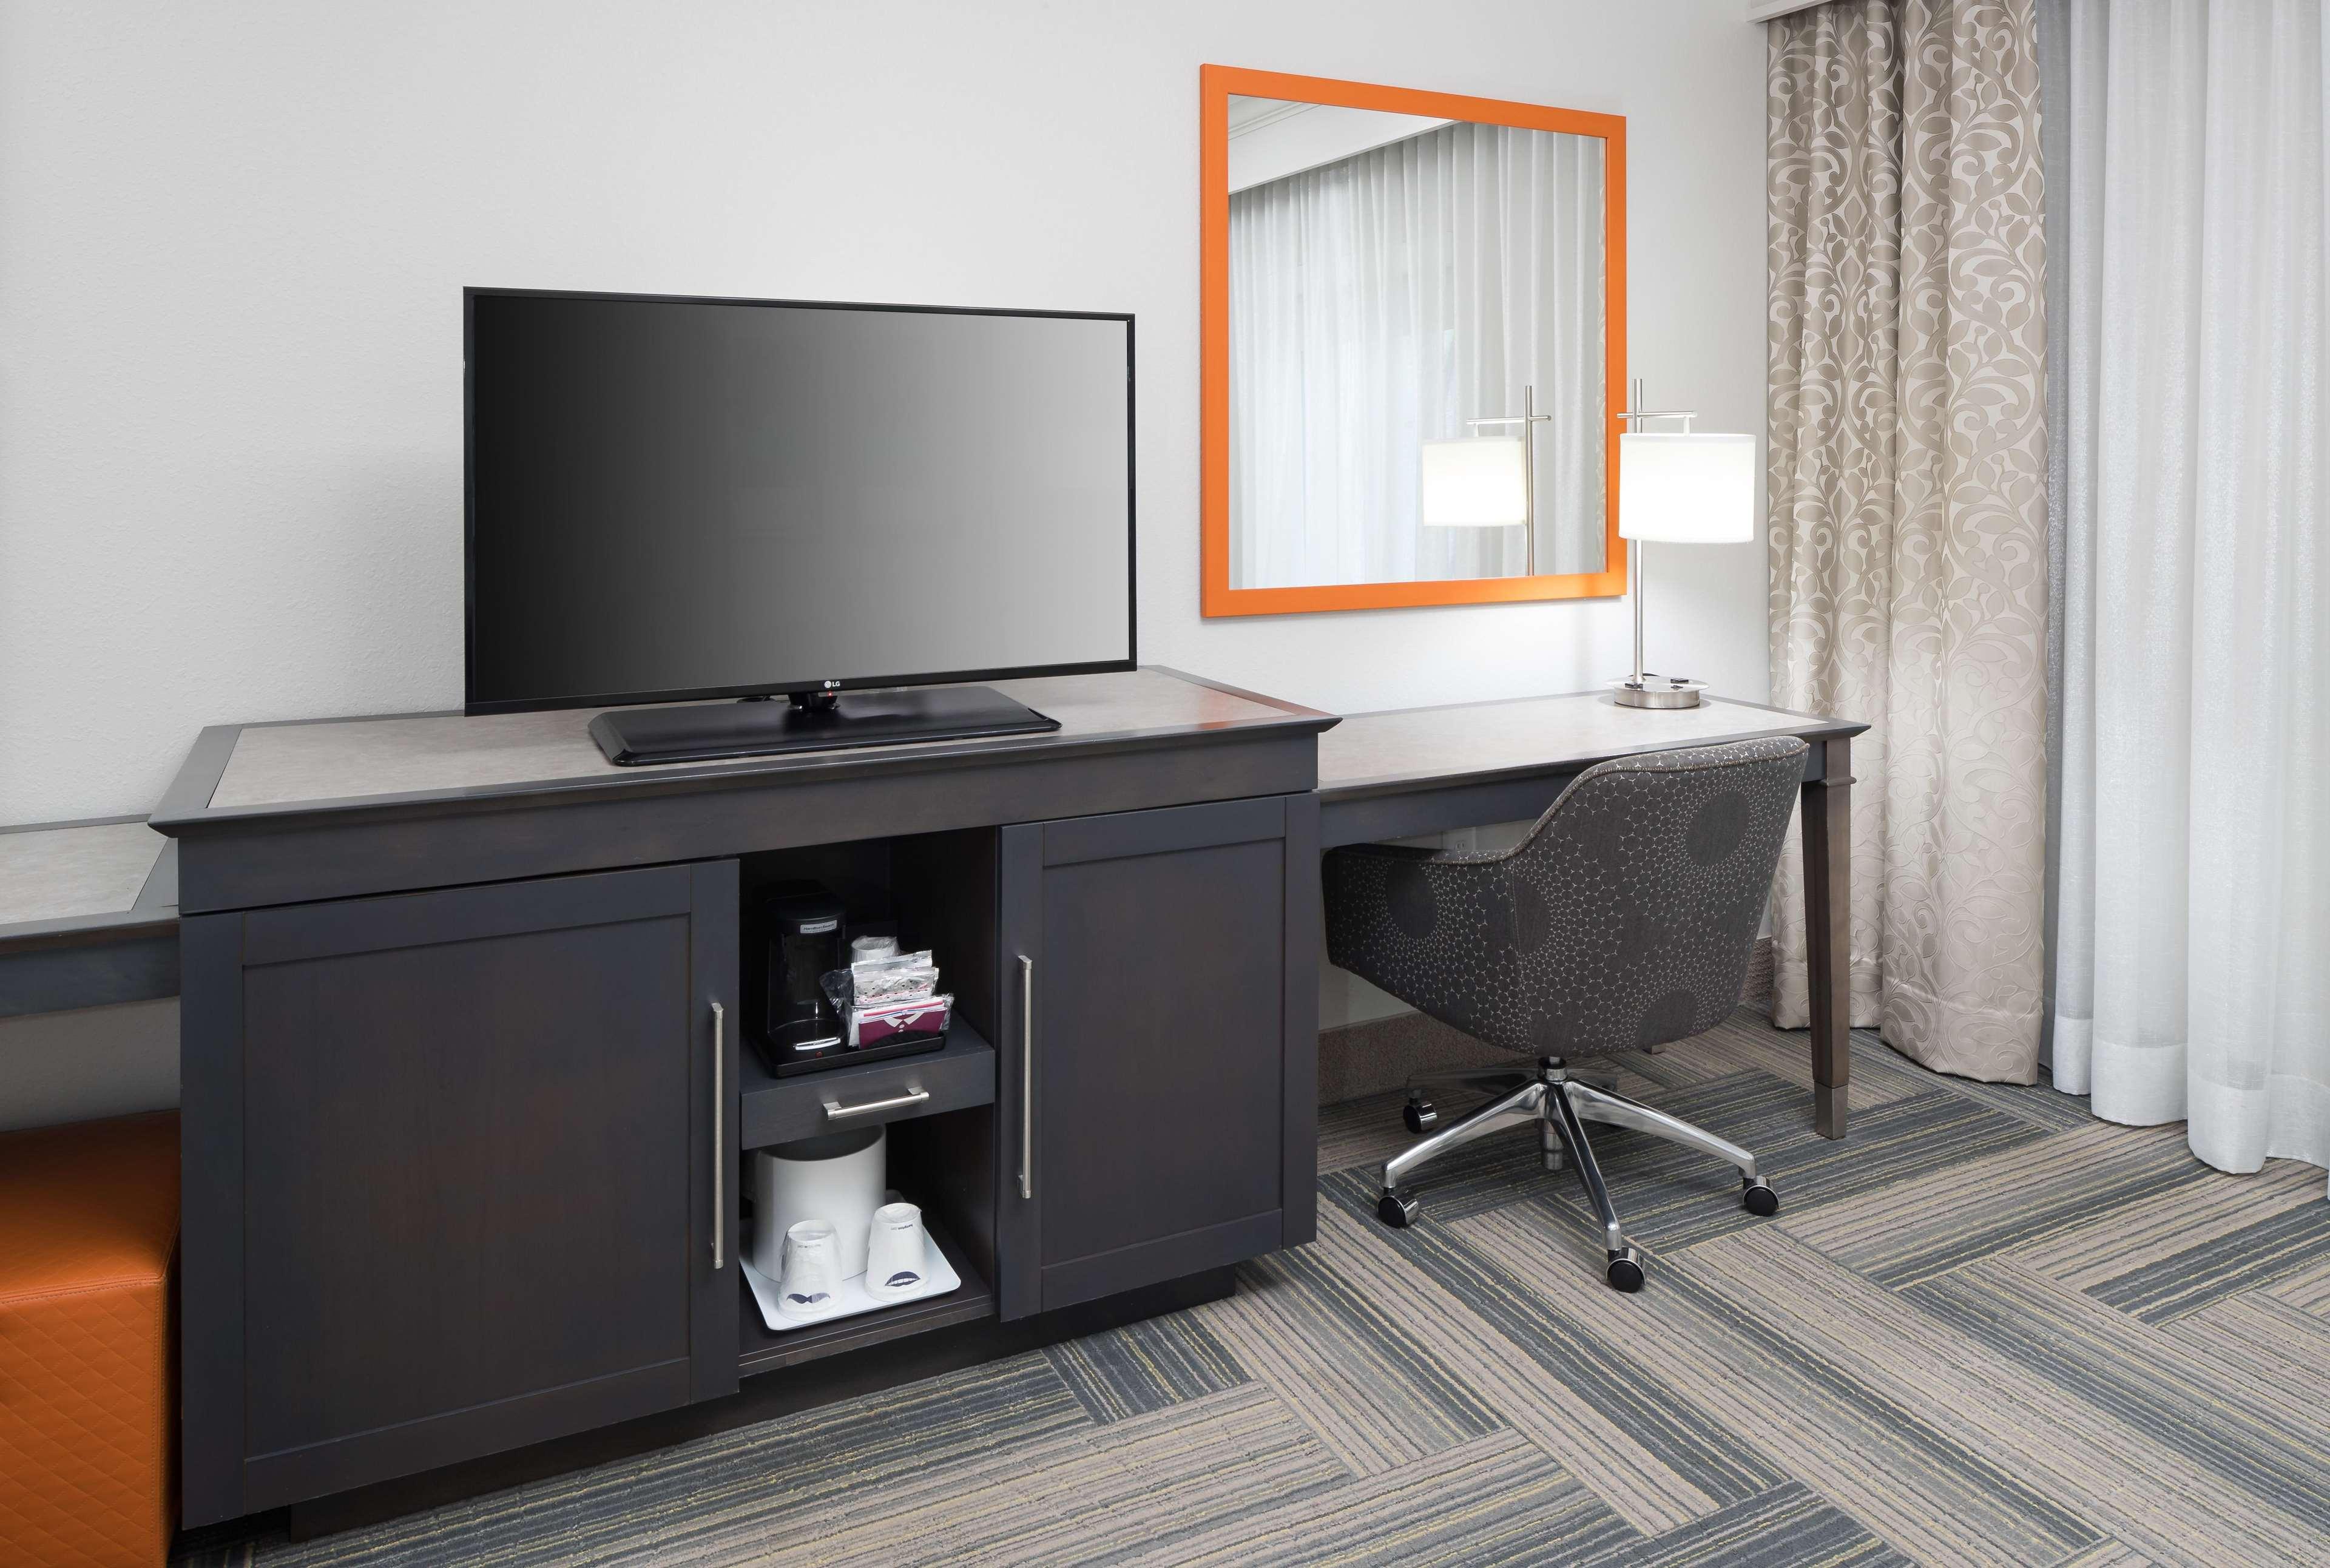 Hampton Inn & Suites by Hilton Atlanta Perimeter Dunwoody image 20